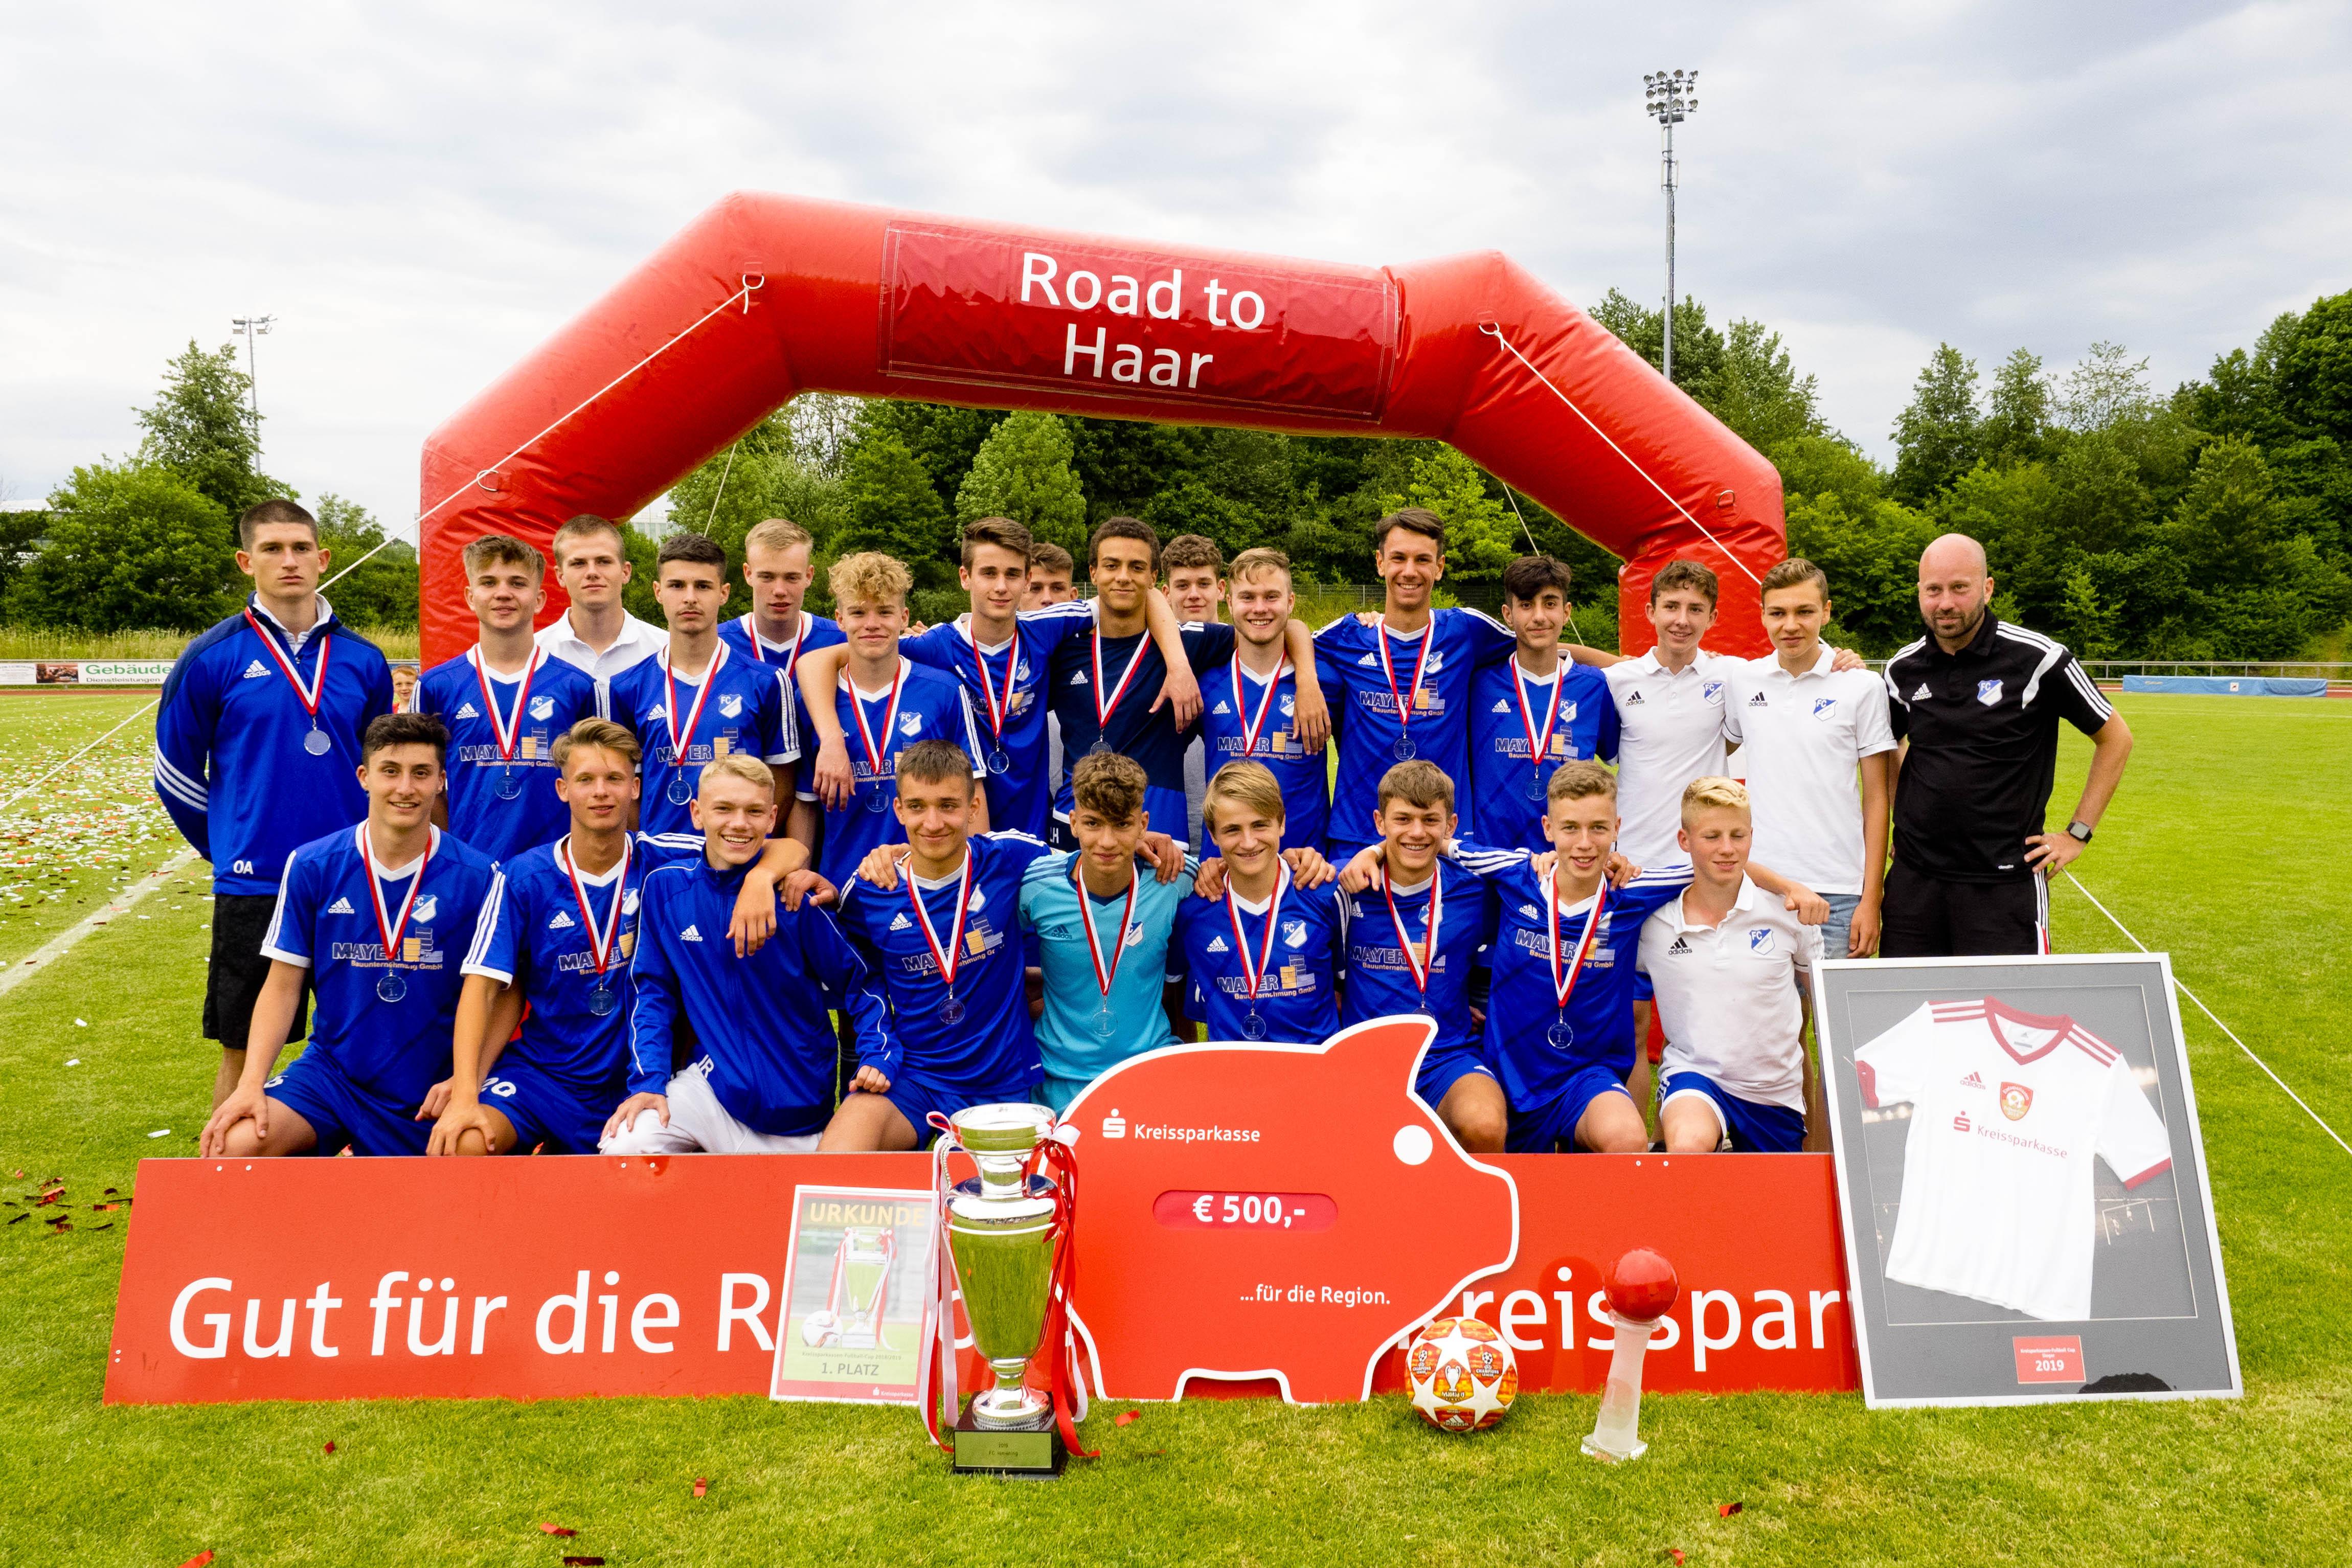 Wir gratulieren dem FC Ismaning zum Sieg im Kreissparkassen-Fußball-Cup 2019!